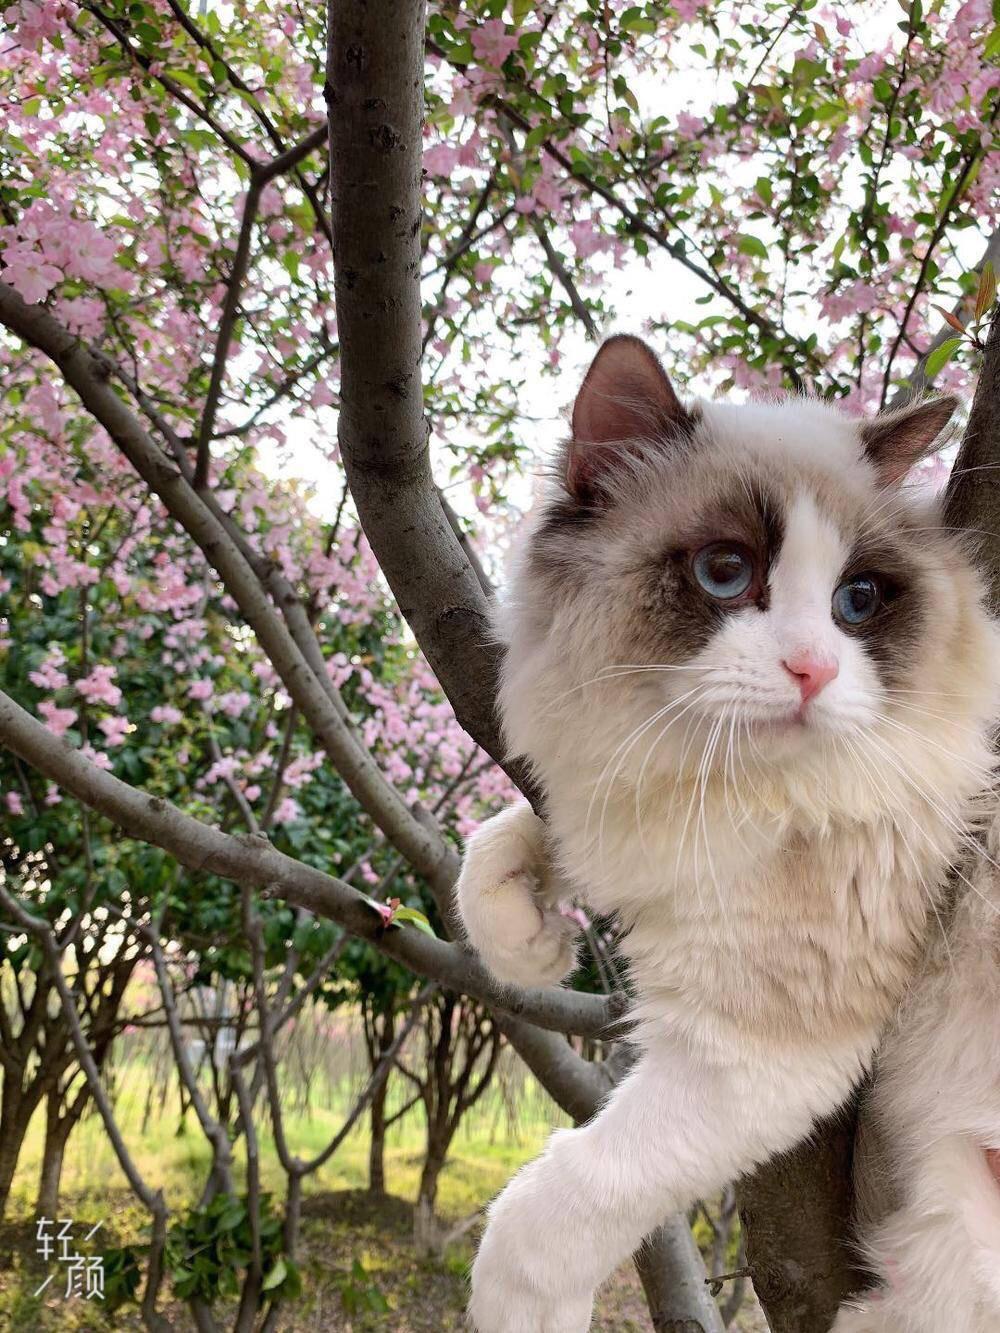 树上长出布偶猫啦!它吊在树上的样子萌得我一颤一颤的,好想养